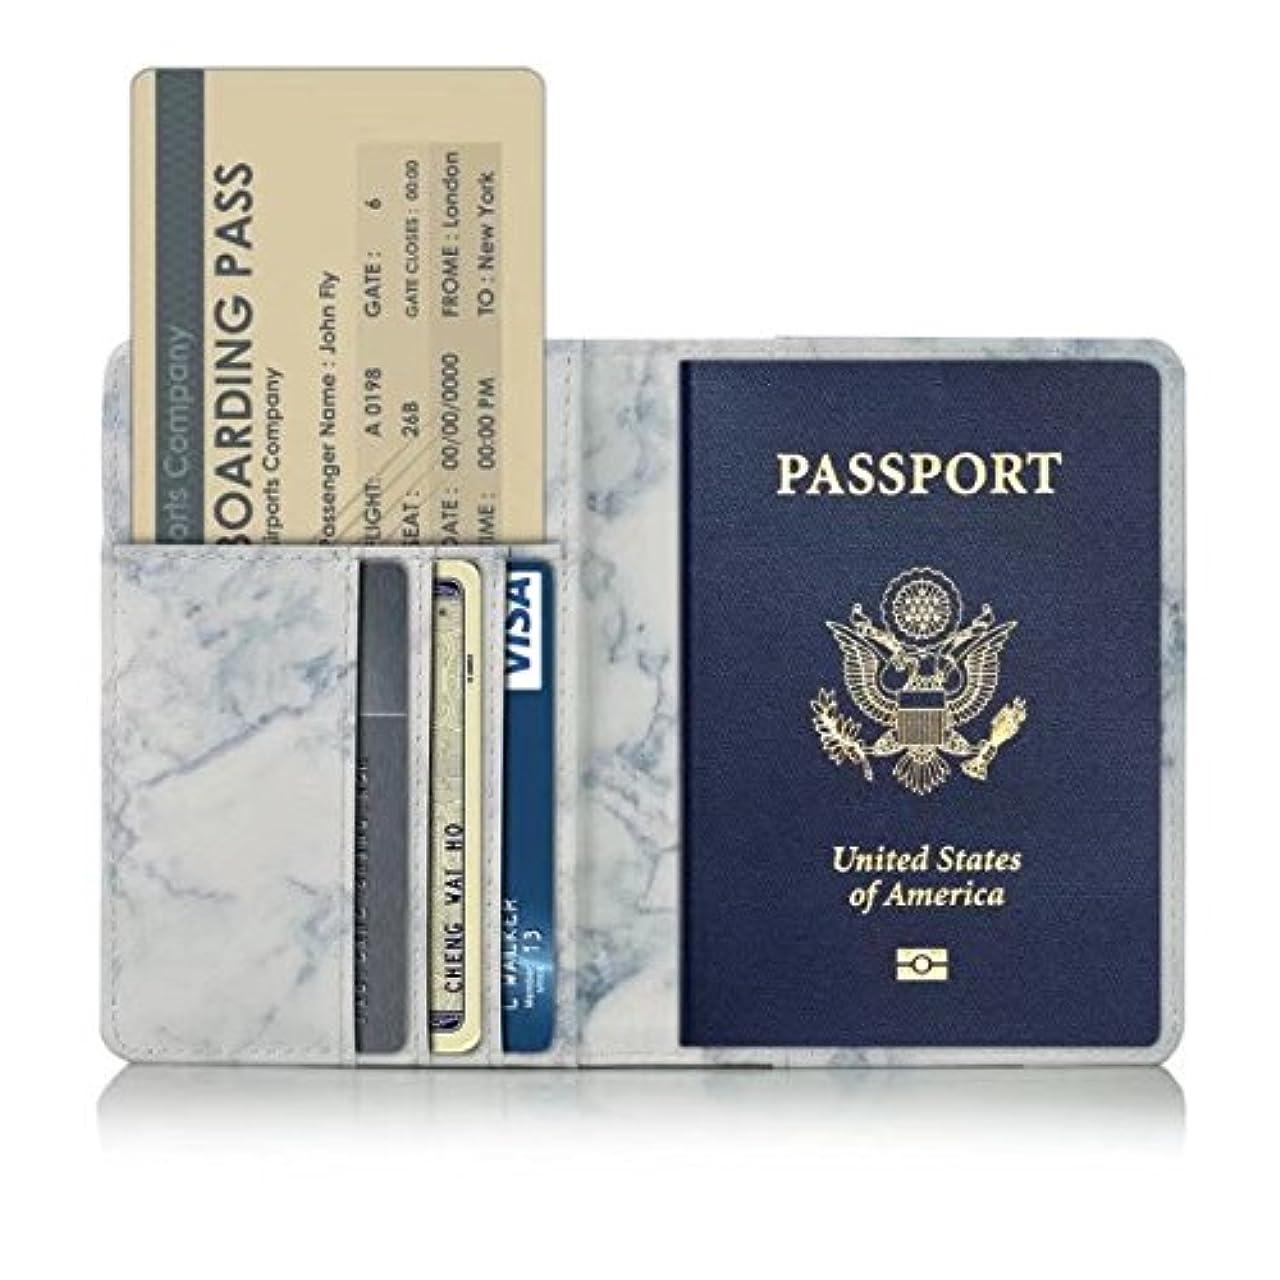 余分なエージェントネストパスポート カバー レザー ケース 大理石柄 マット素材 グレーマーブル ホルダー トラベル カード チケット 収納 ウォレット 多機能収納ポケット 名刺 クレジットカード 航空券 エアチケット カラー